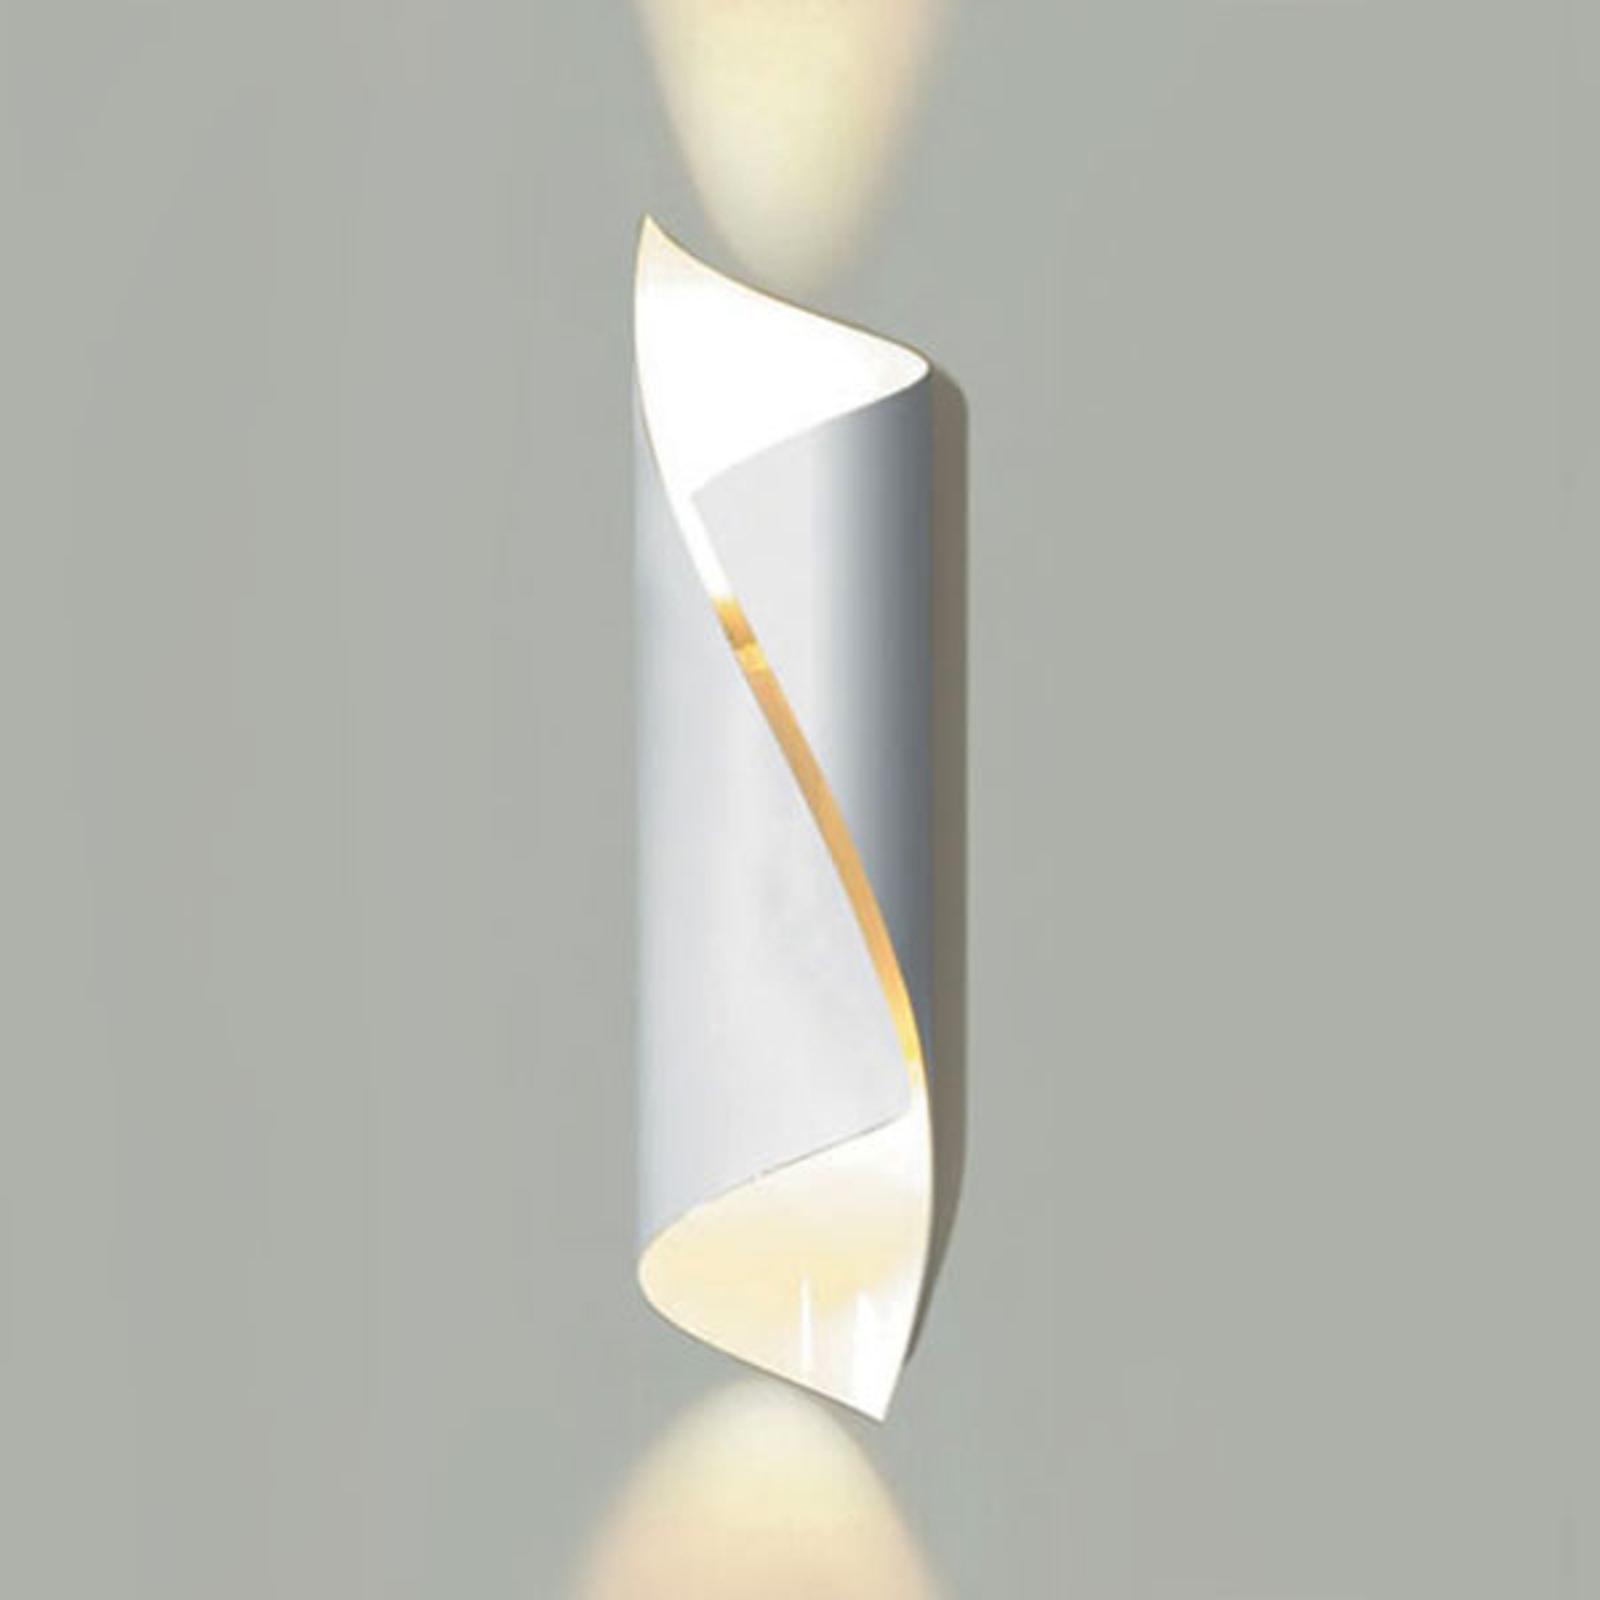 Knikerboker Hué LED-Wandleuchte Höhe 54 cm weiß